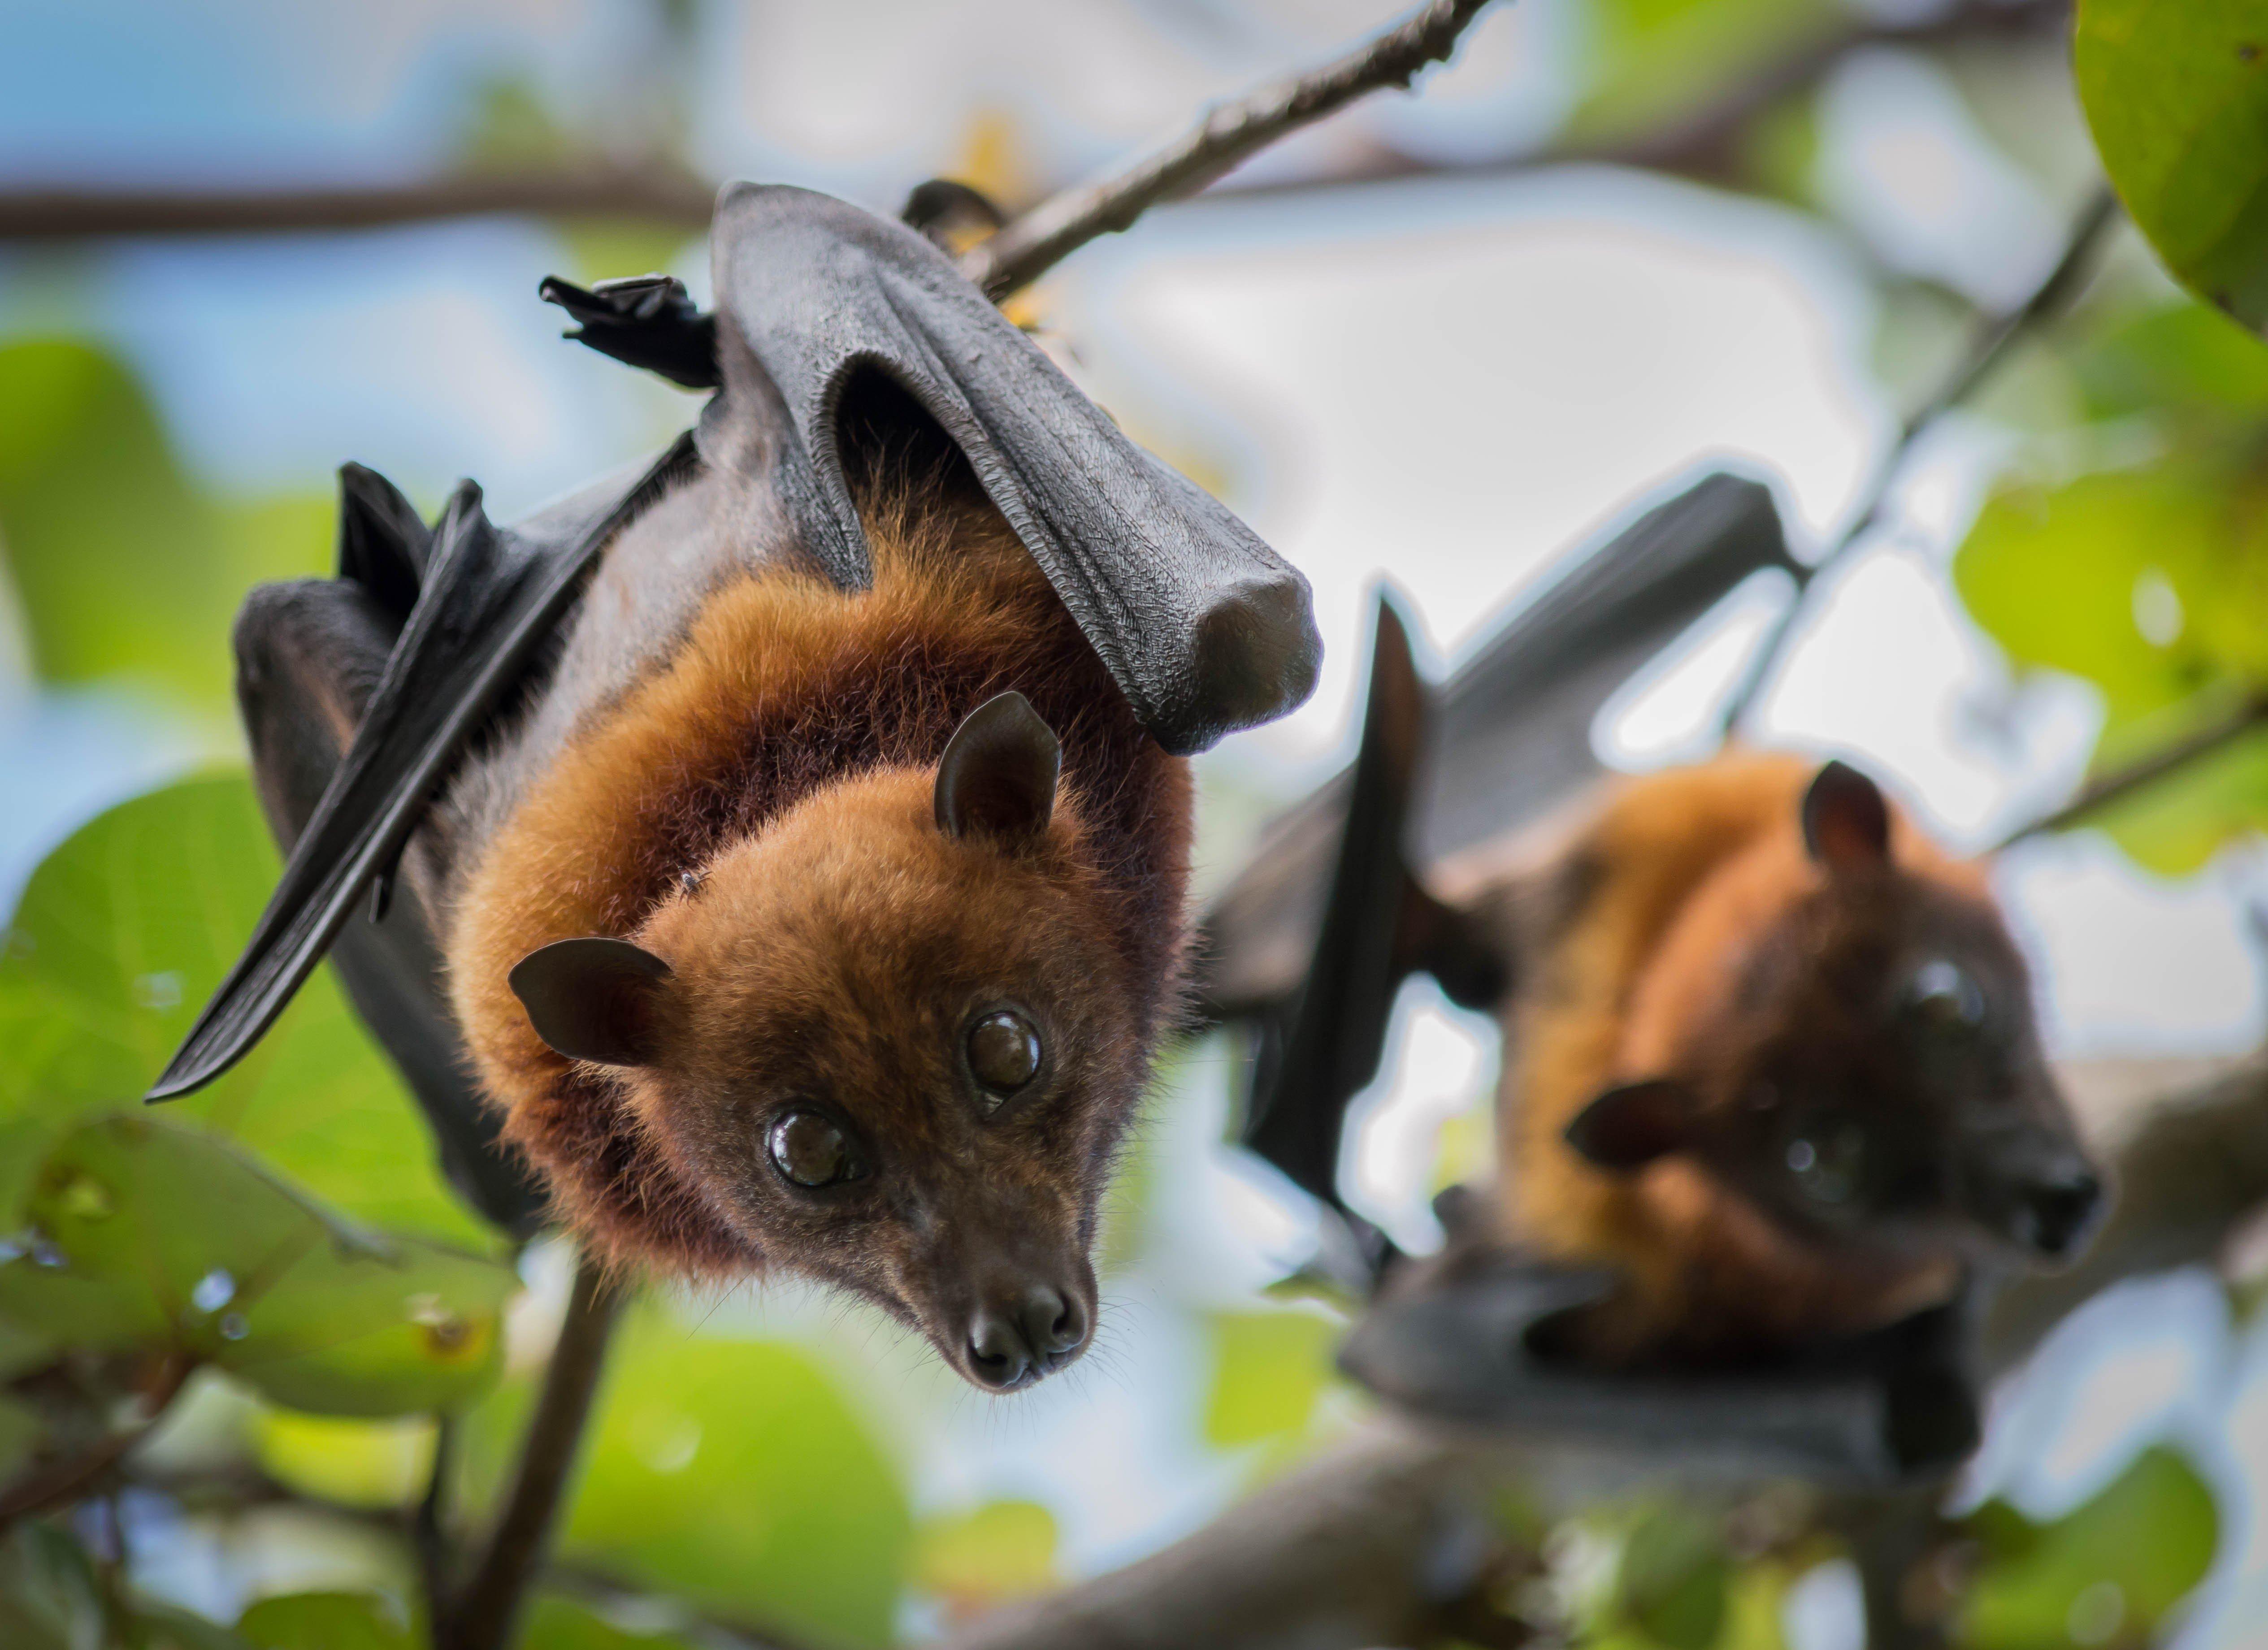 Coronavirus Weaker Than Sars But May Share Link To Bats